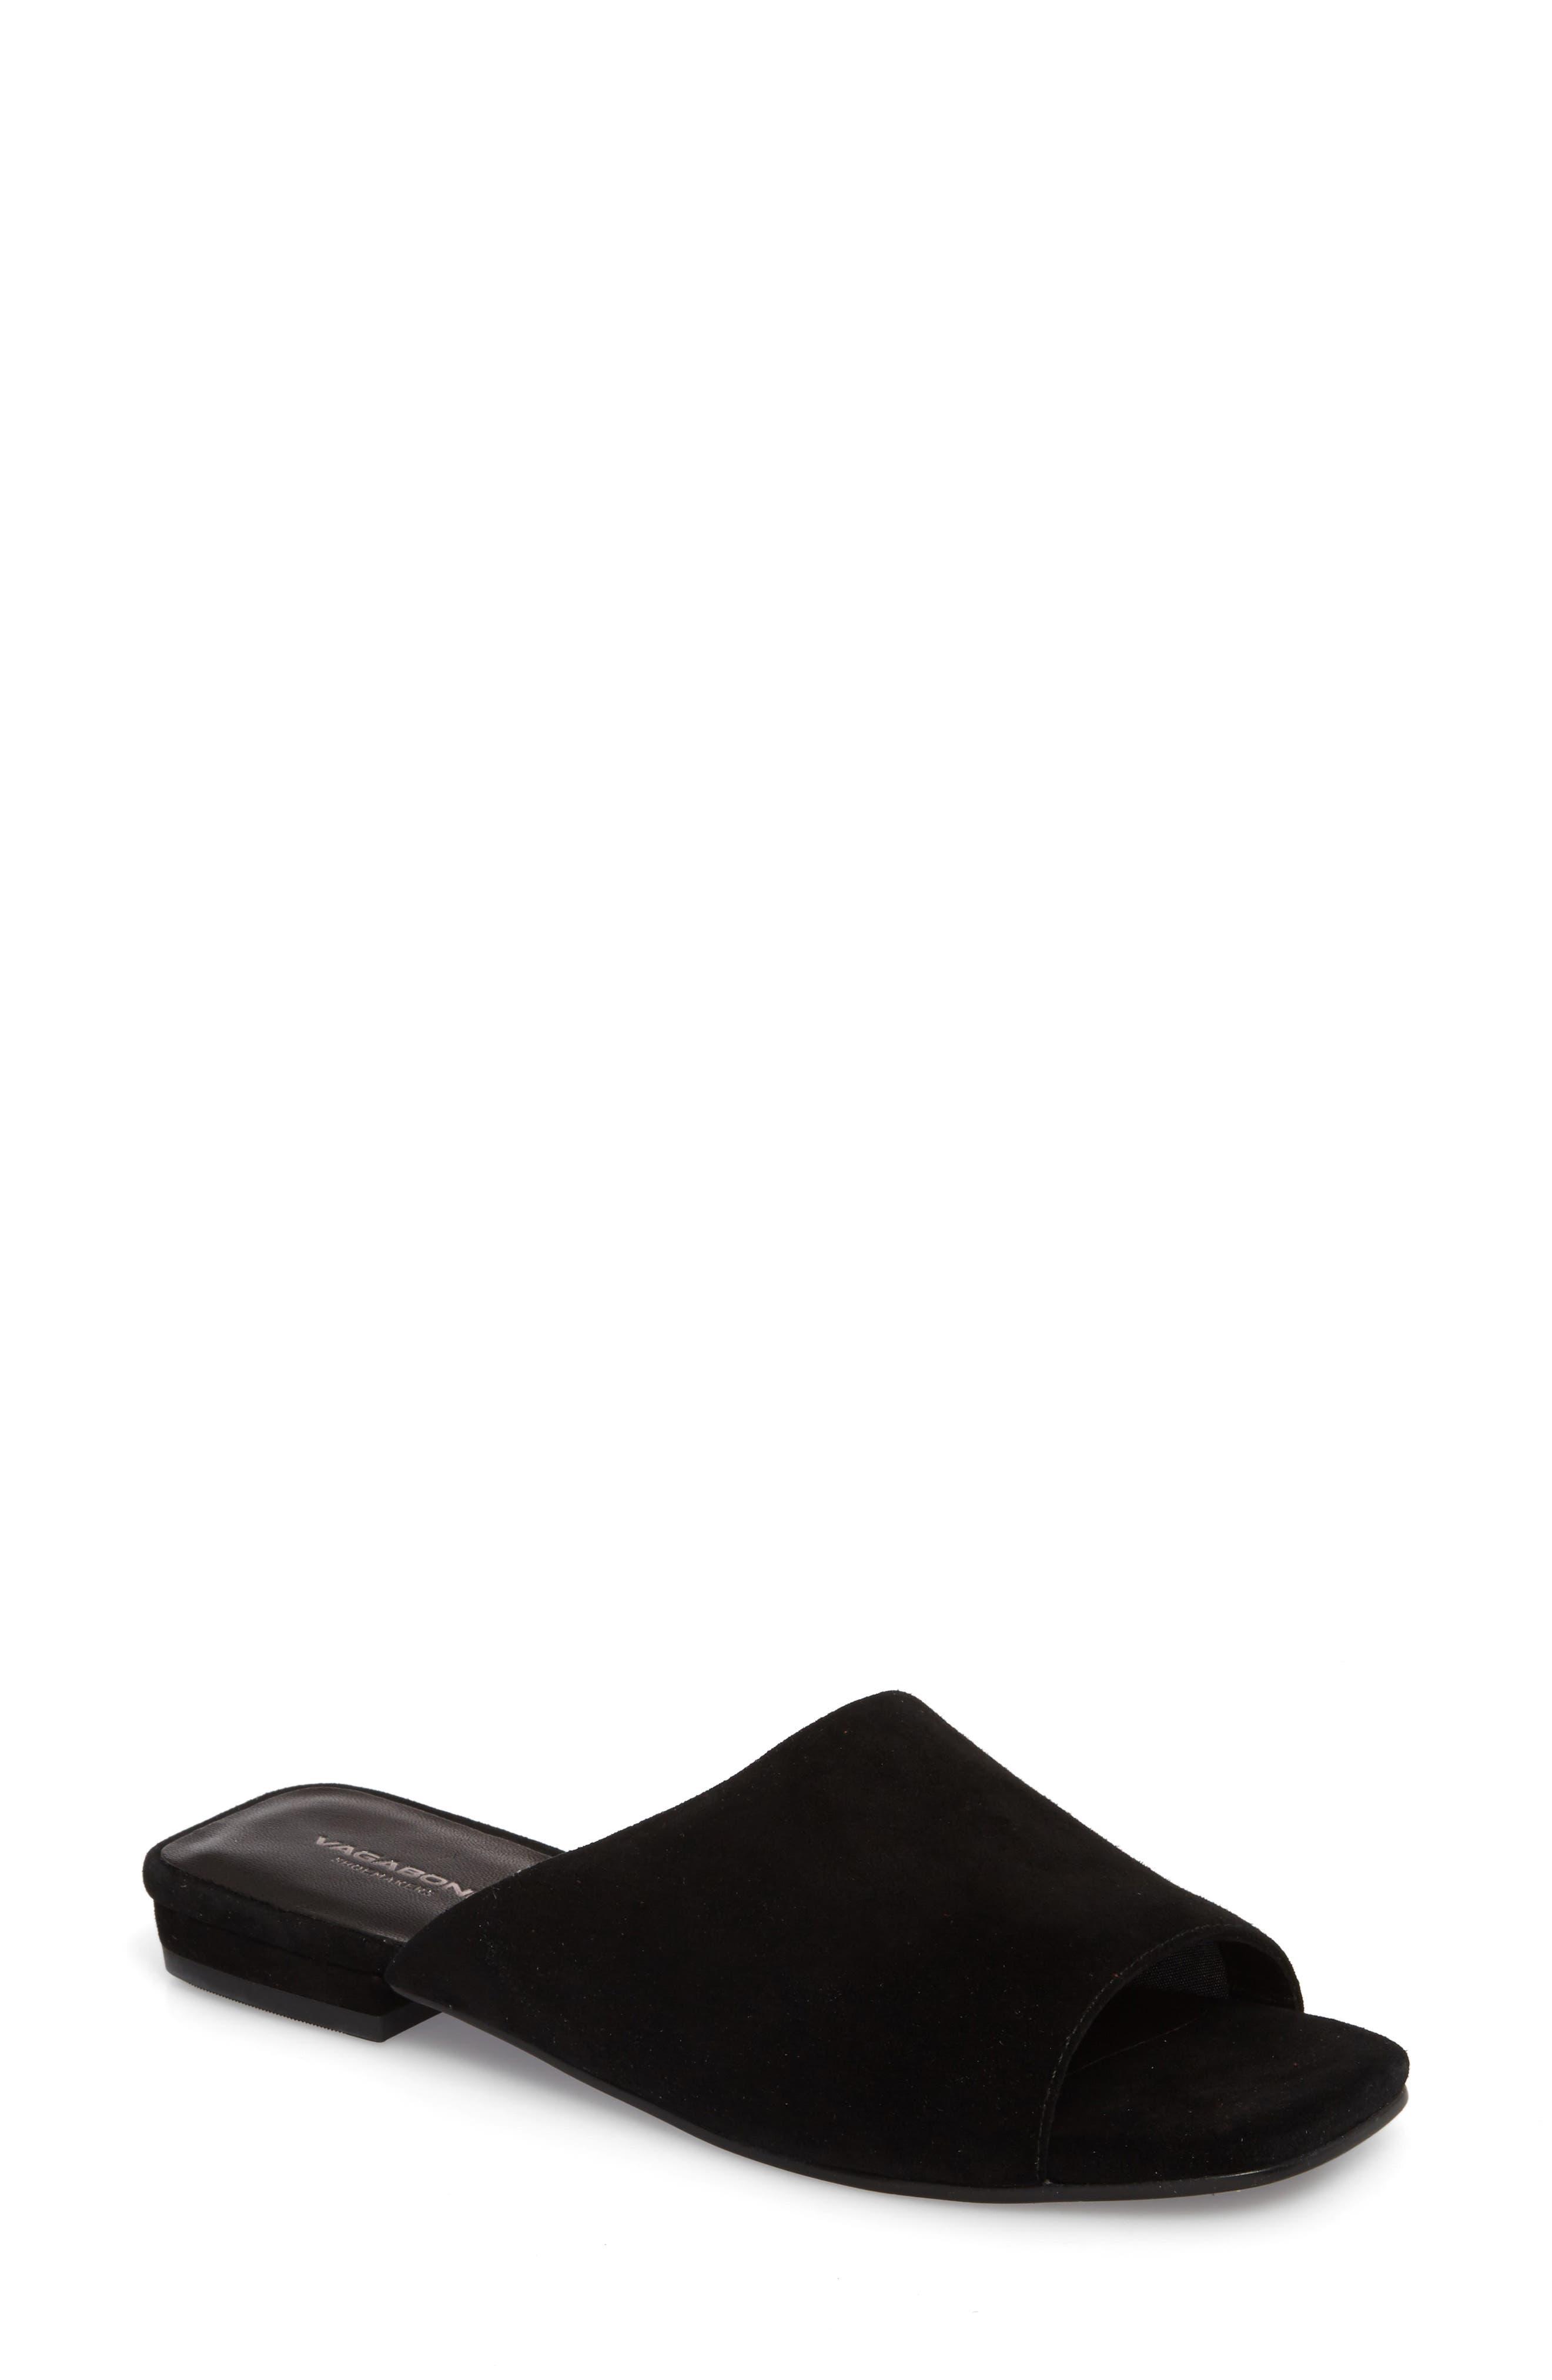 VAGABOND Shoemakers Becky Slide Sandal, Main, color, 002